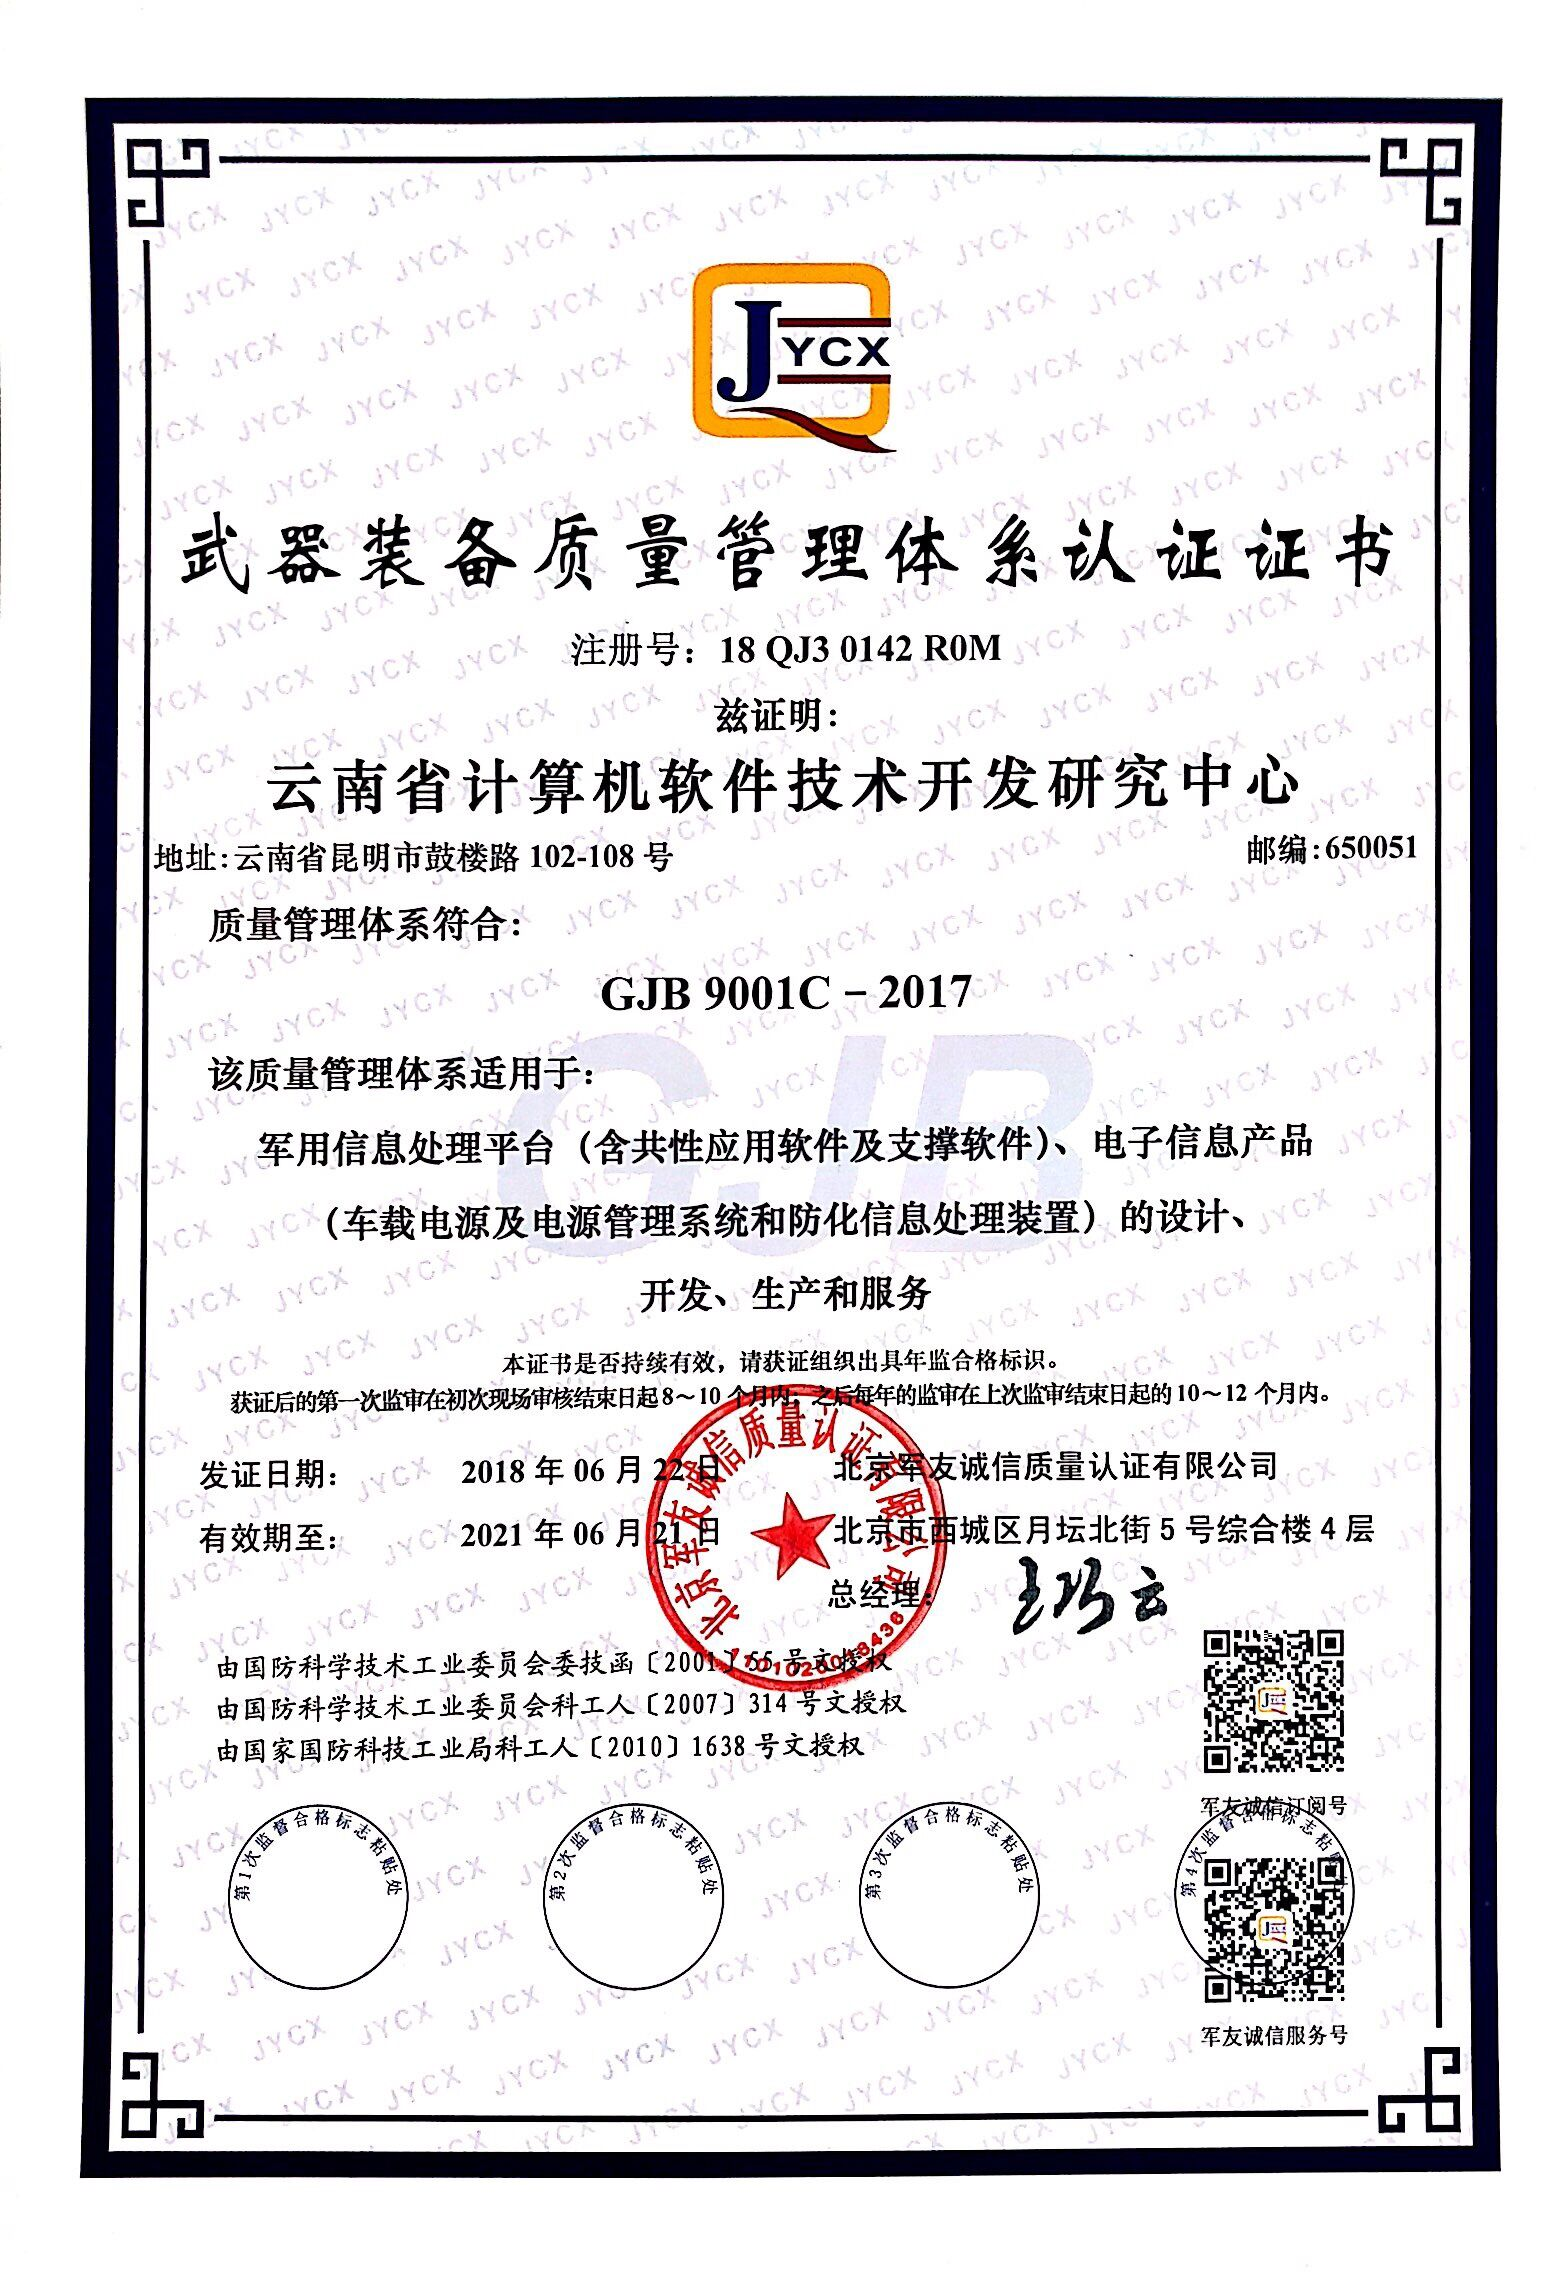 4、武器装备质量管理体系认证证书2018年-有效期2021